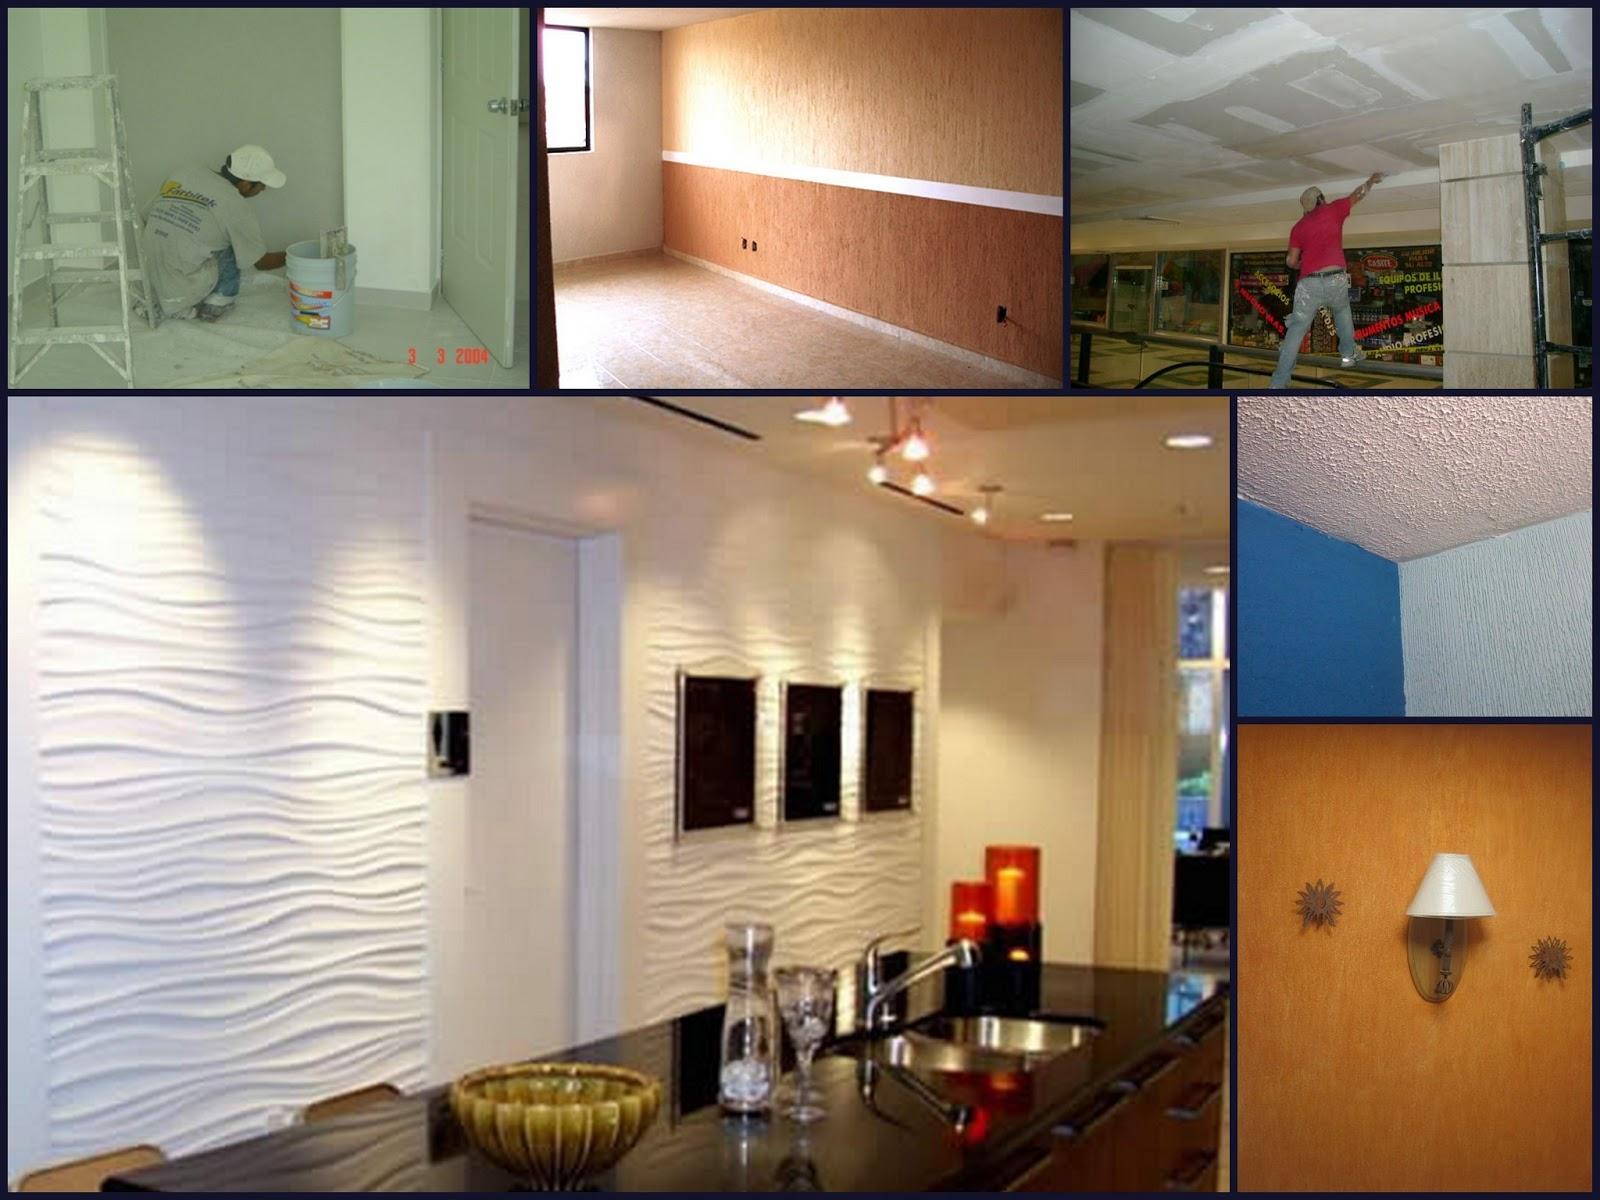 Servicios el ctricos profesionales y mantenimiento en for Aplicacion decoracion interiores